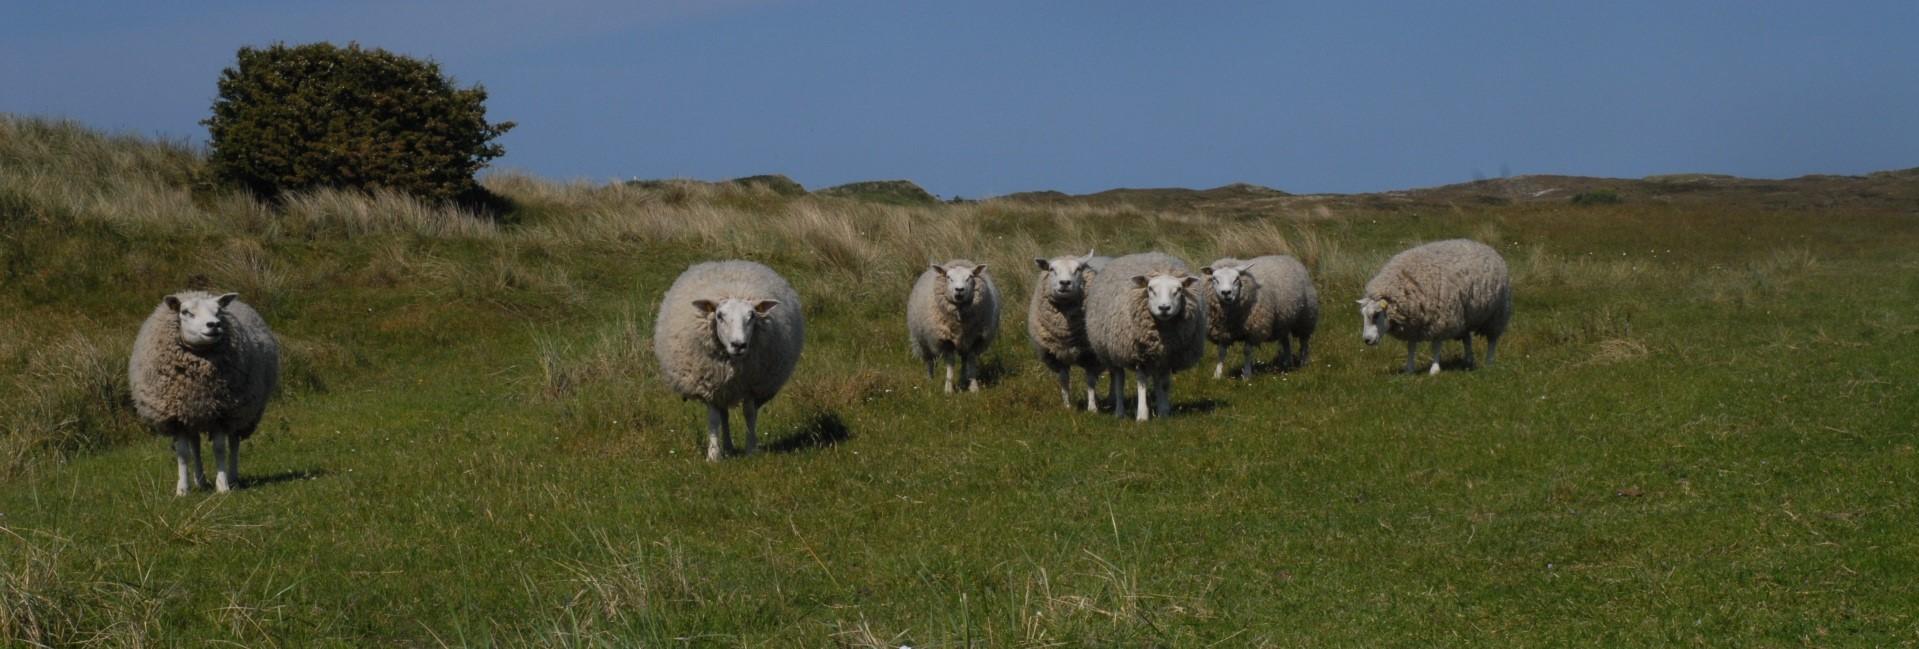 texeler dekbed wollen dekbedden texelse schapen nico van de nes